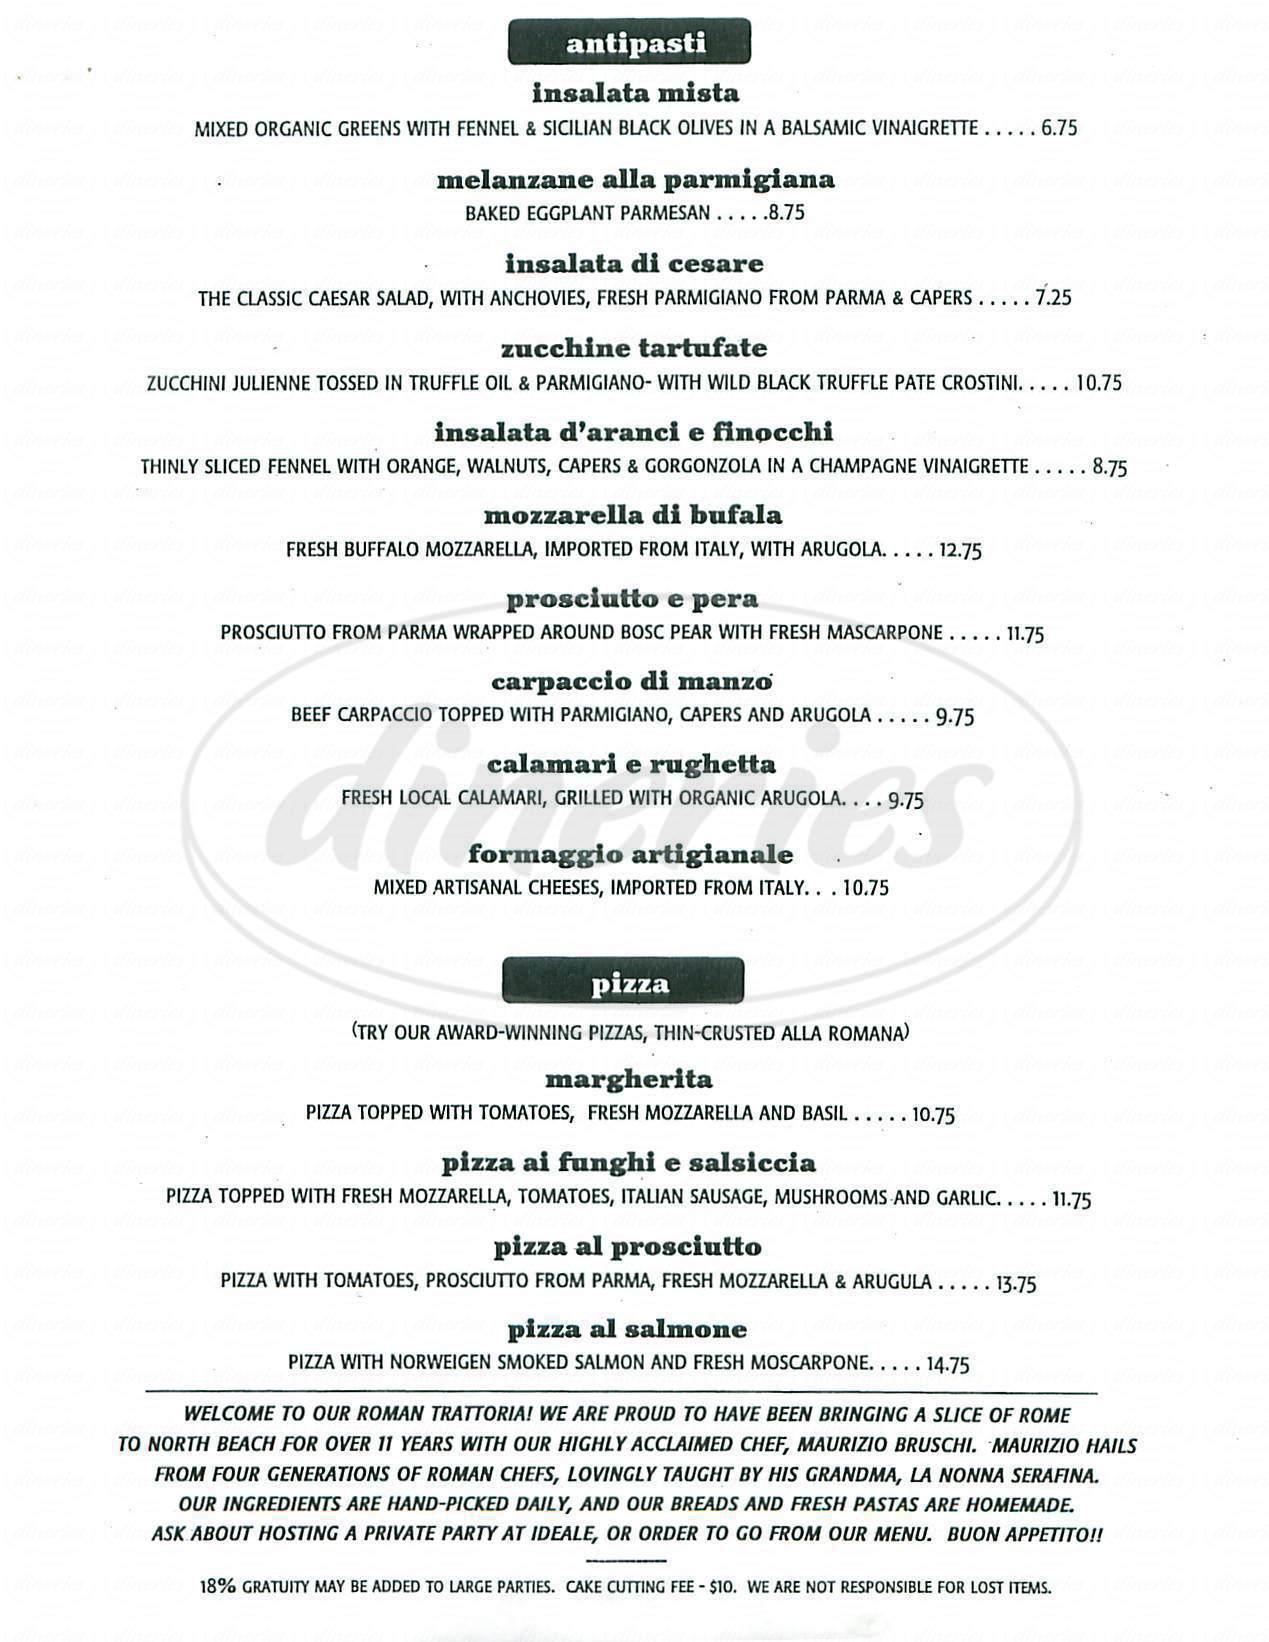 menu for Ideale